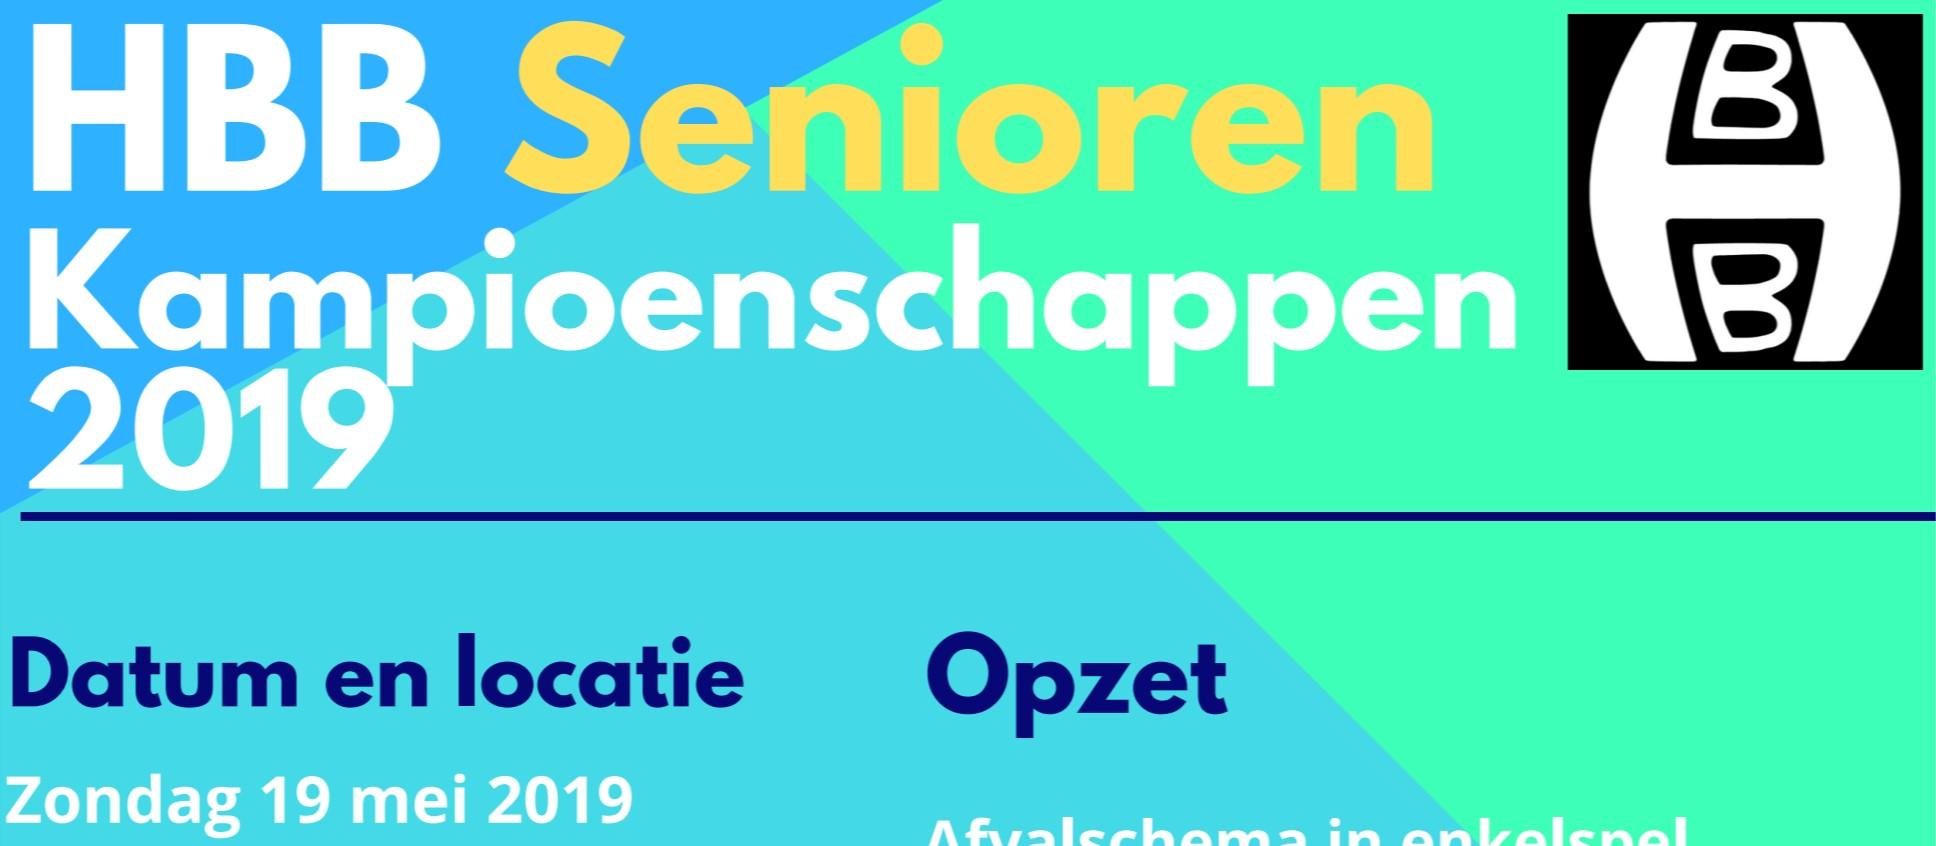 Uitnodiging HBB Senioren Kampioenschappen 2019